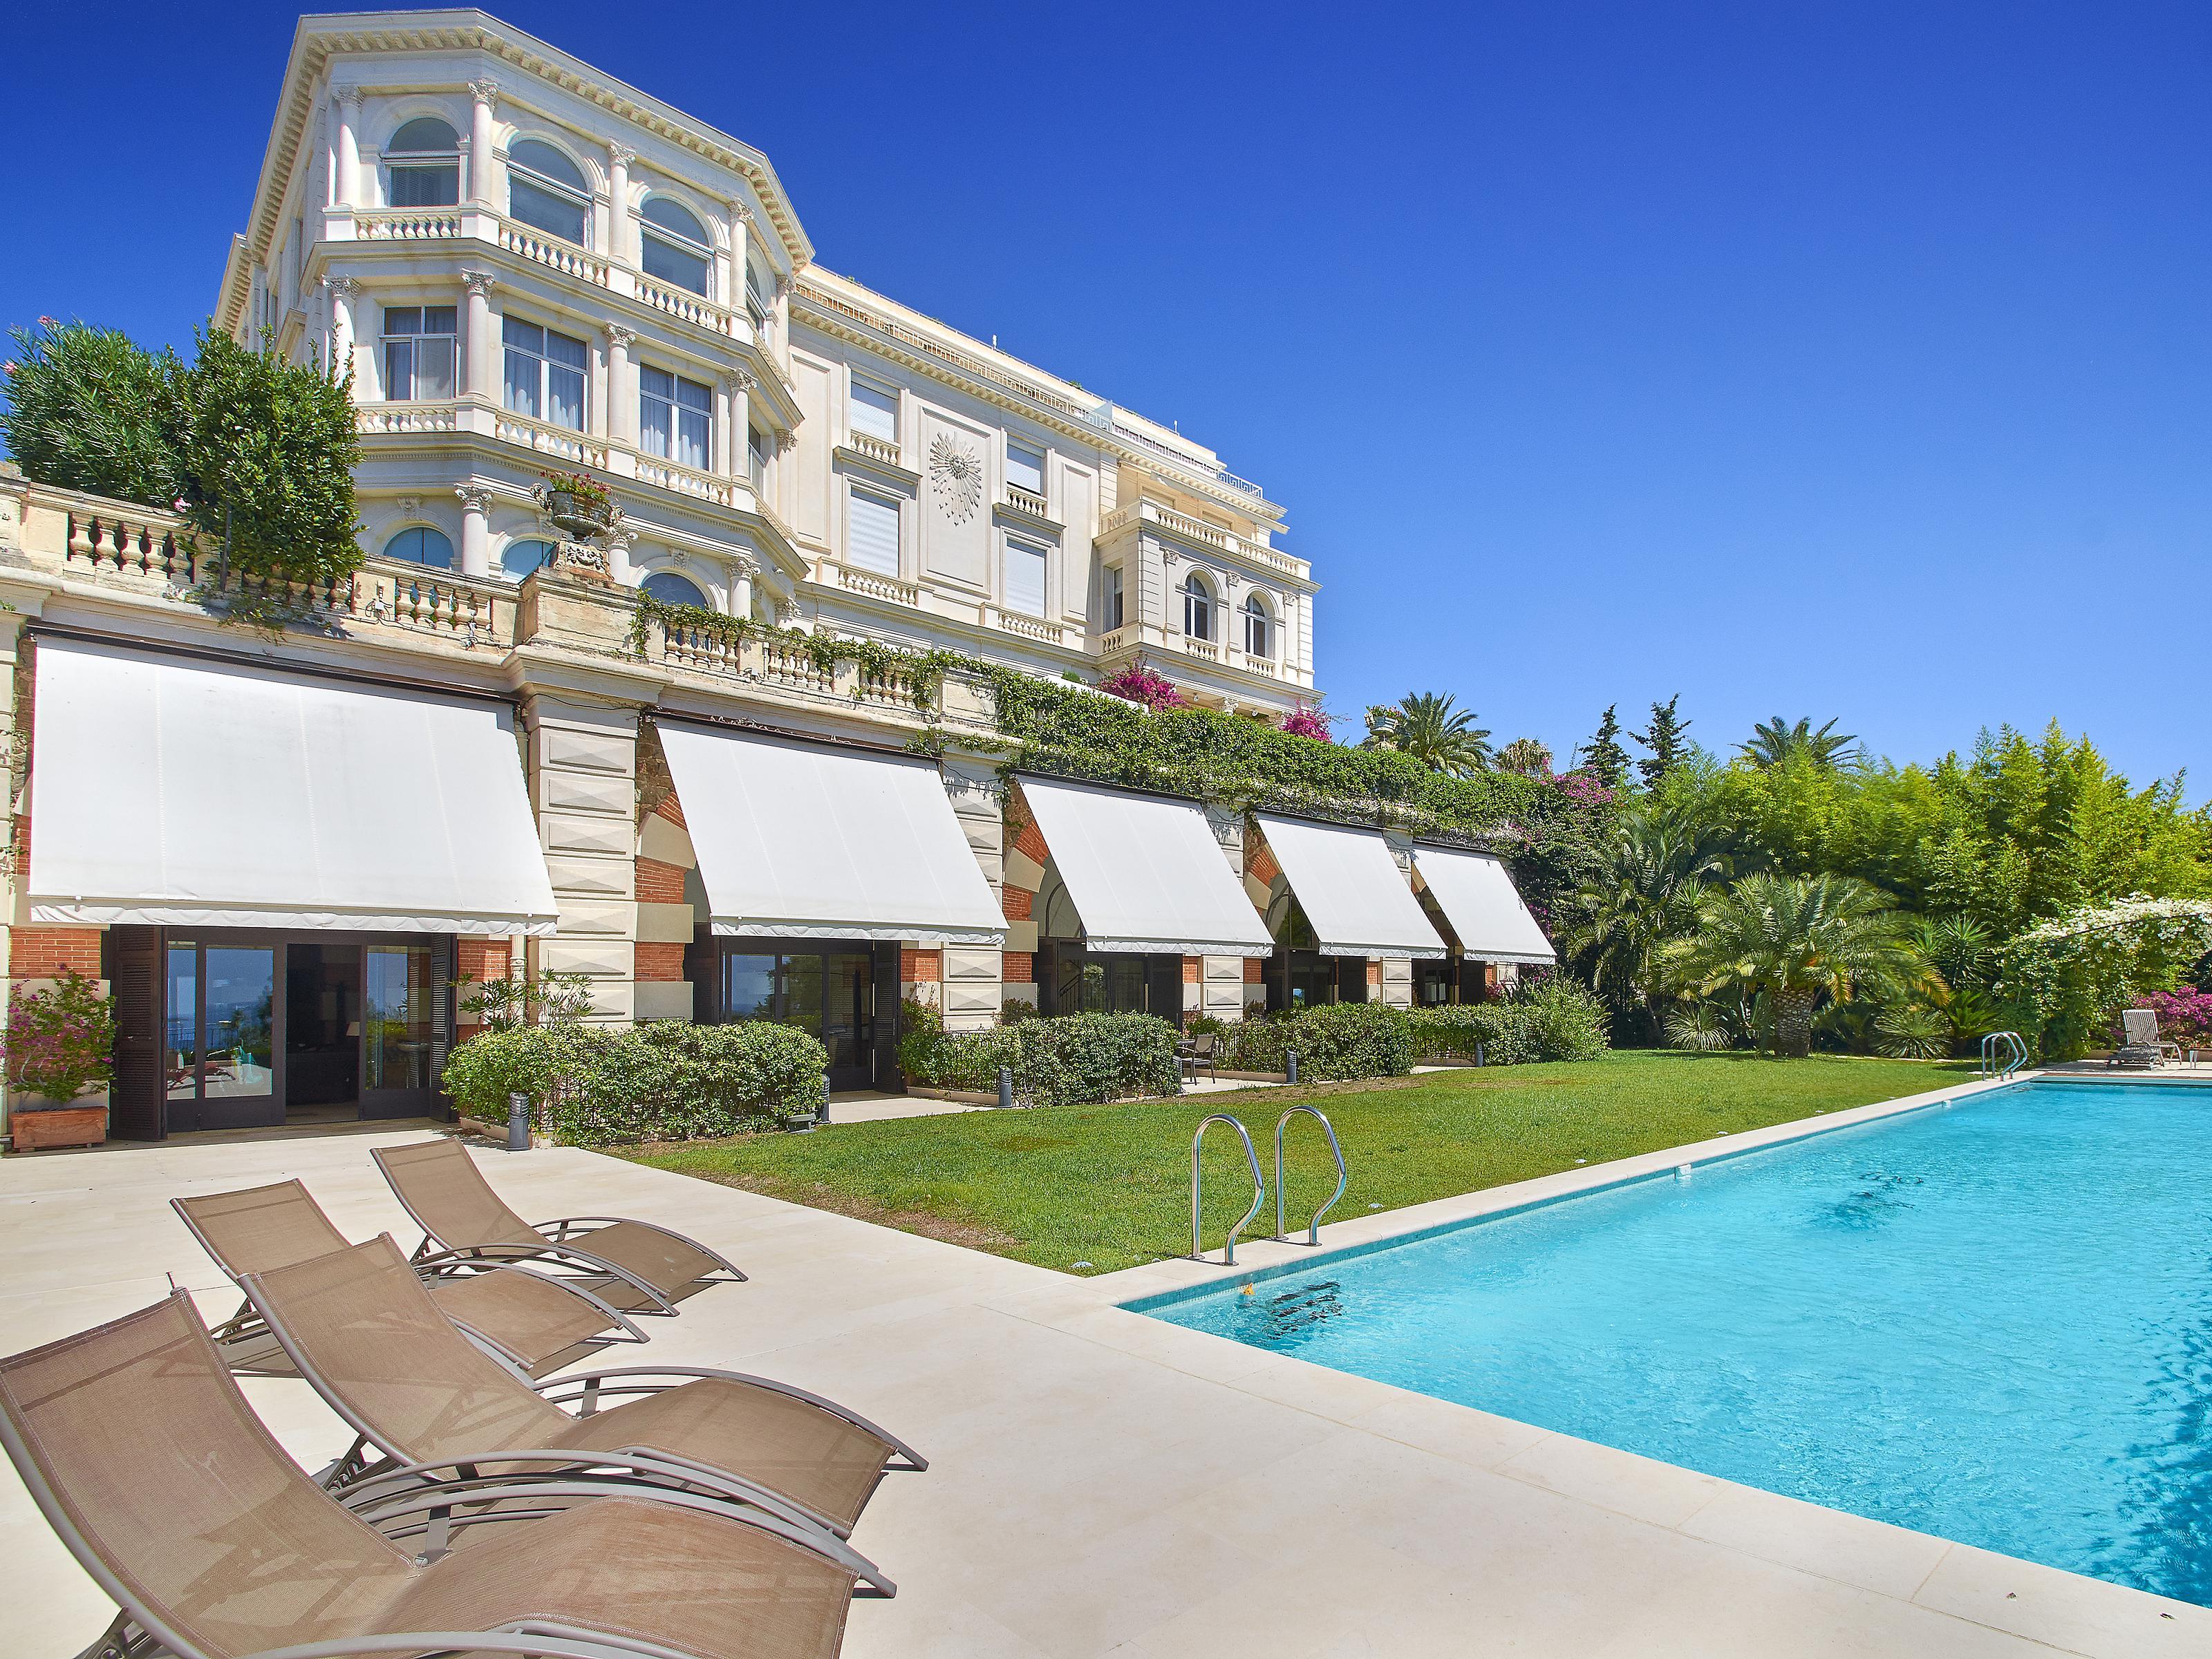 公寓 為 出售 在 Luxury 5 bedroom apartment Cannes Cannes, 普羅旺斯阿爾卑斯藍色海岸 06400 法國